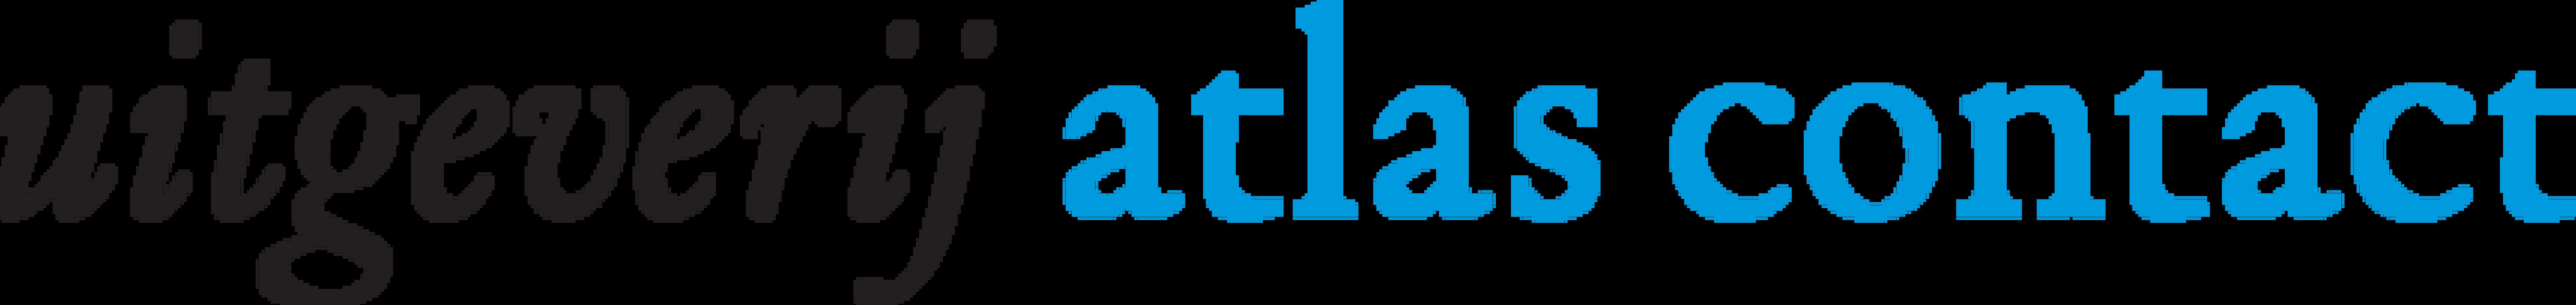 uitgeverij atlas contact